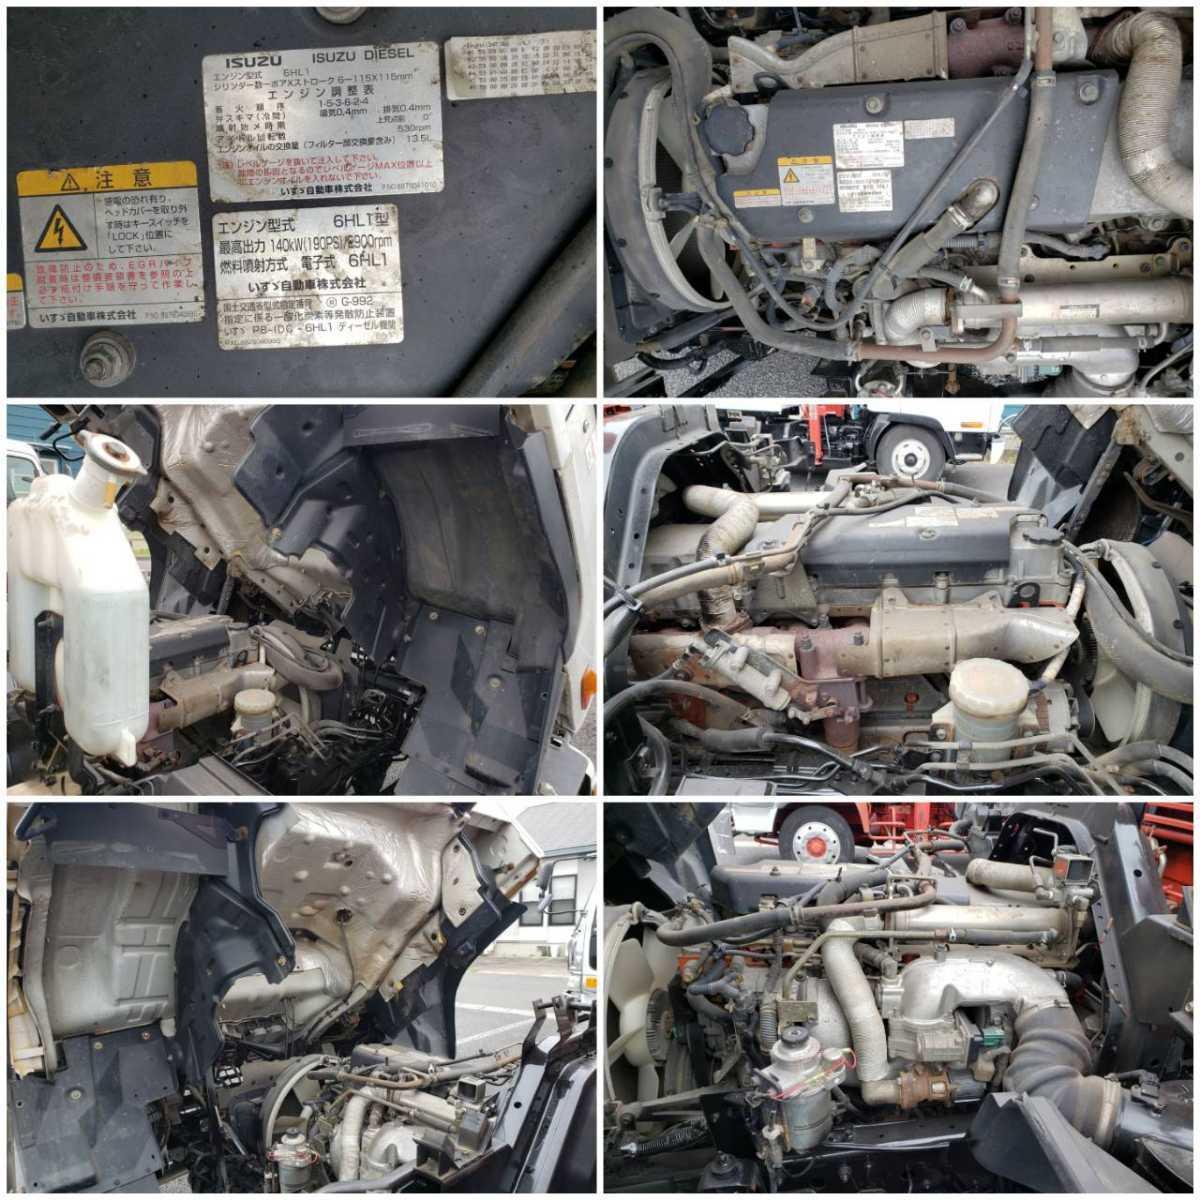 【1円スタート】車検4年4月まで 角足アウトリガー 16年式いすゞ フォード クレーン付きセーフティローダー ALLラジコン仕様 実走行117200km_画像10